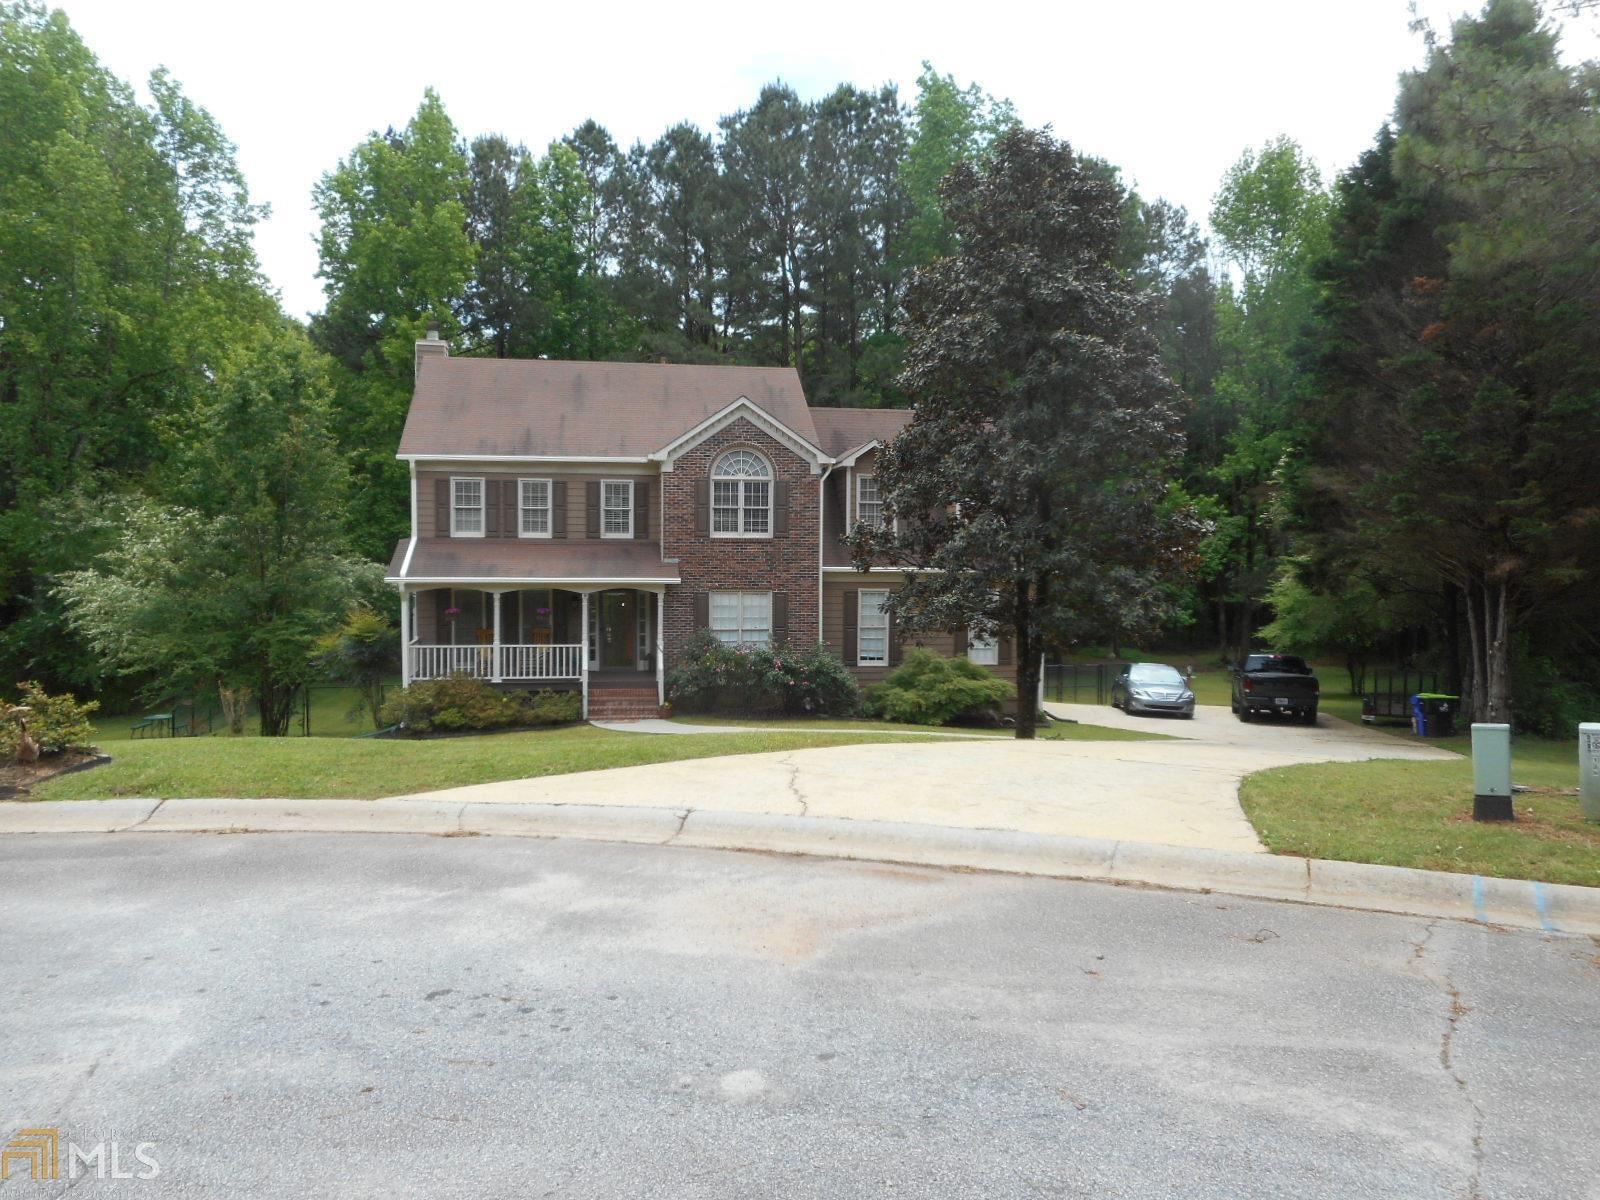 135 Regency Ct, Fayetteville, GA 30215 - #: 8975433